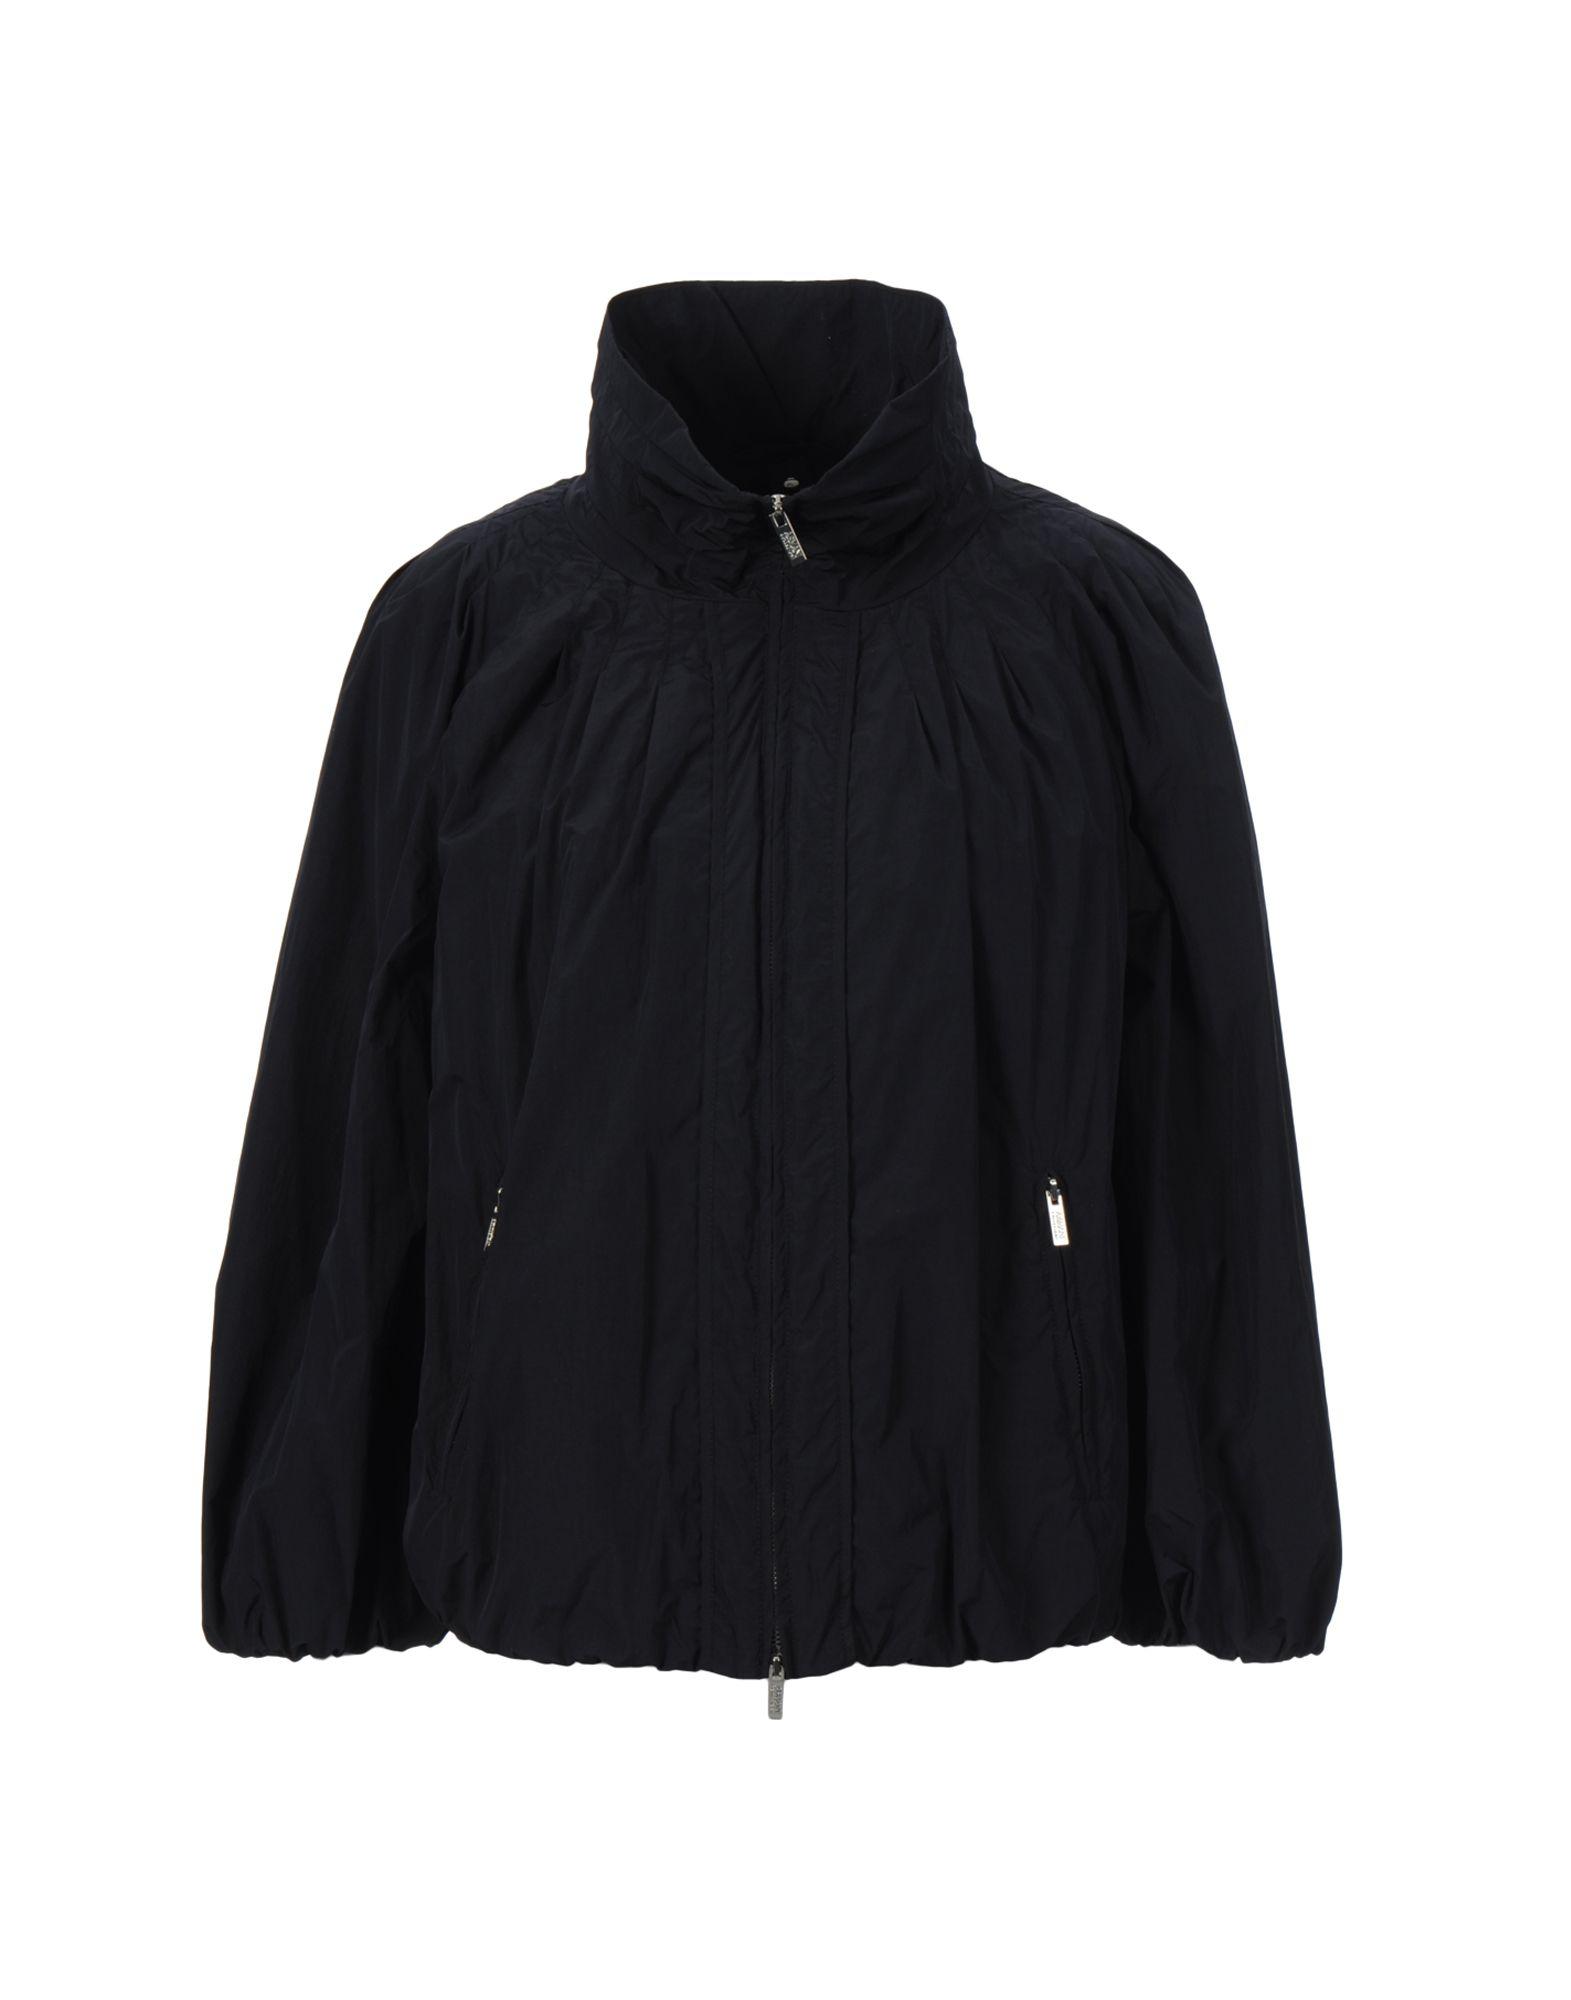 95cd55cc2683 Armani Collezioni Jacket Women Armani Collezioni Jackets 41508382AB ...